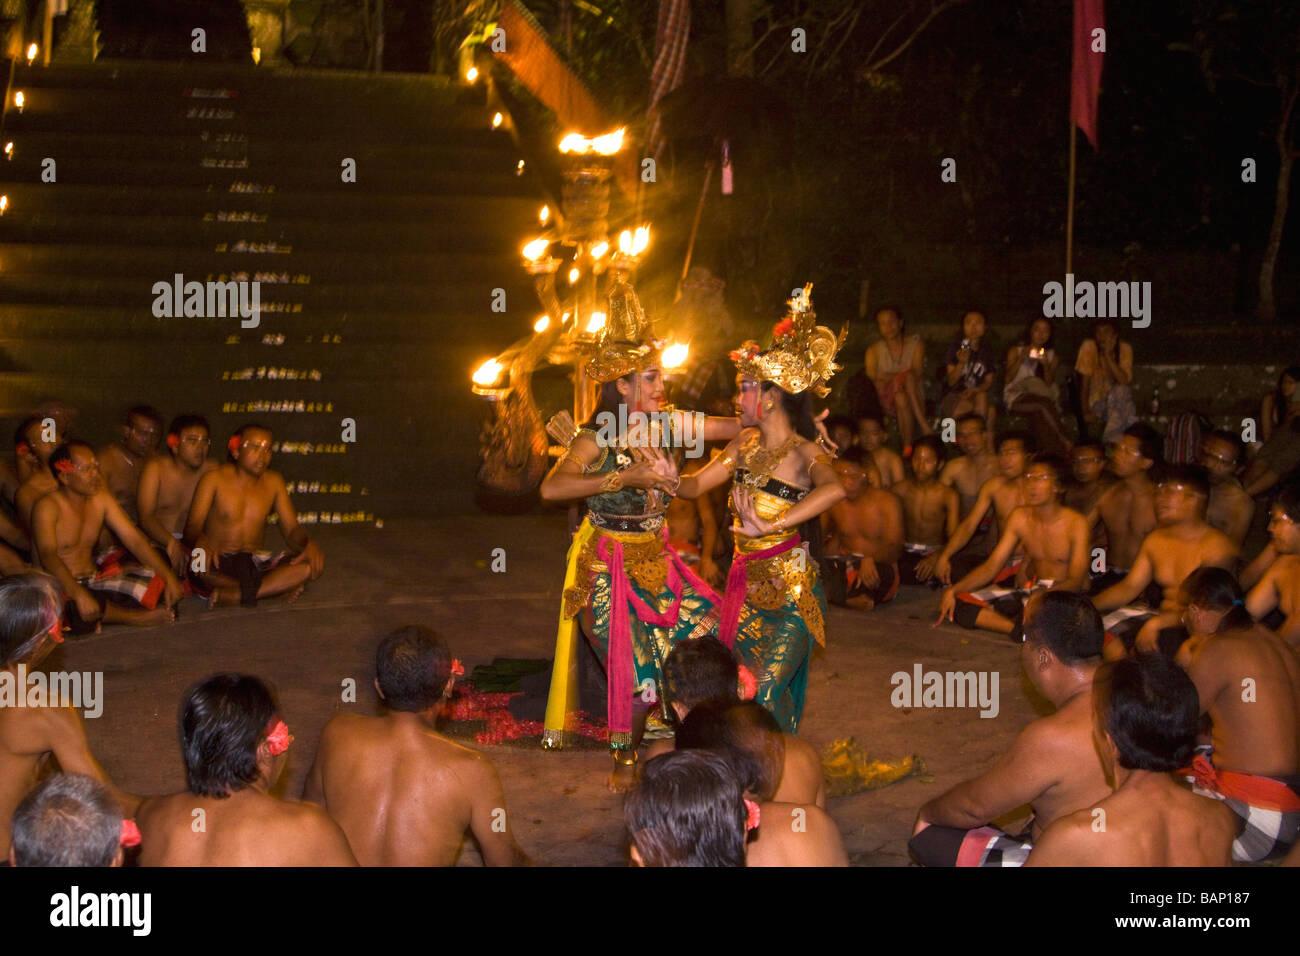 Kecak dance in Ubud Bali Indonesia - Stock Image